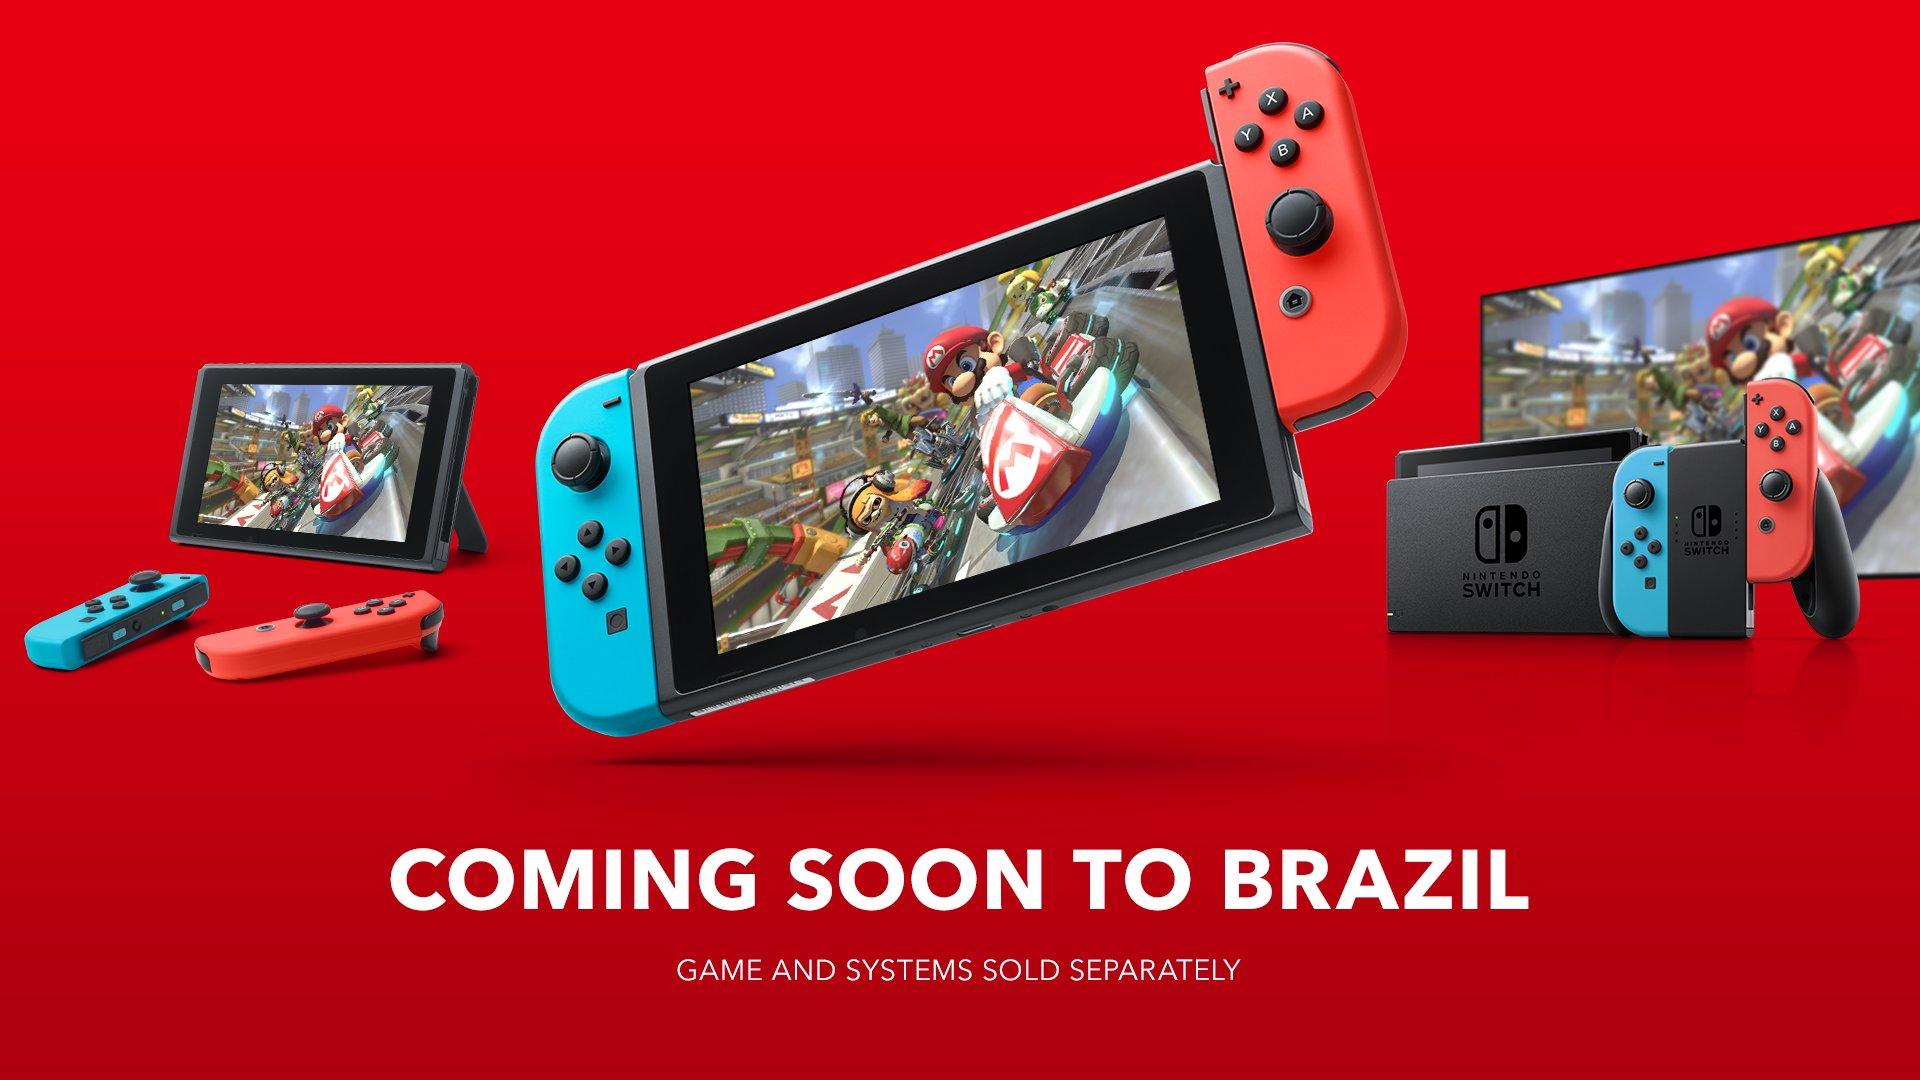 Imagem de anúncio do Console